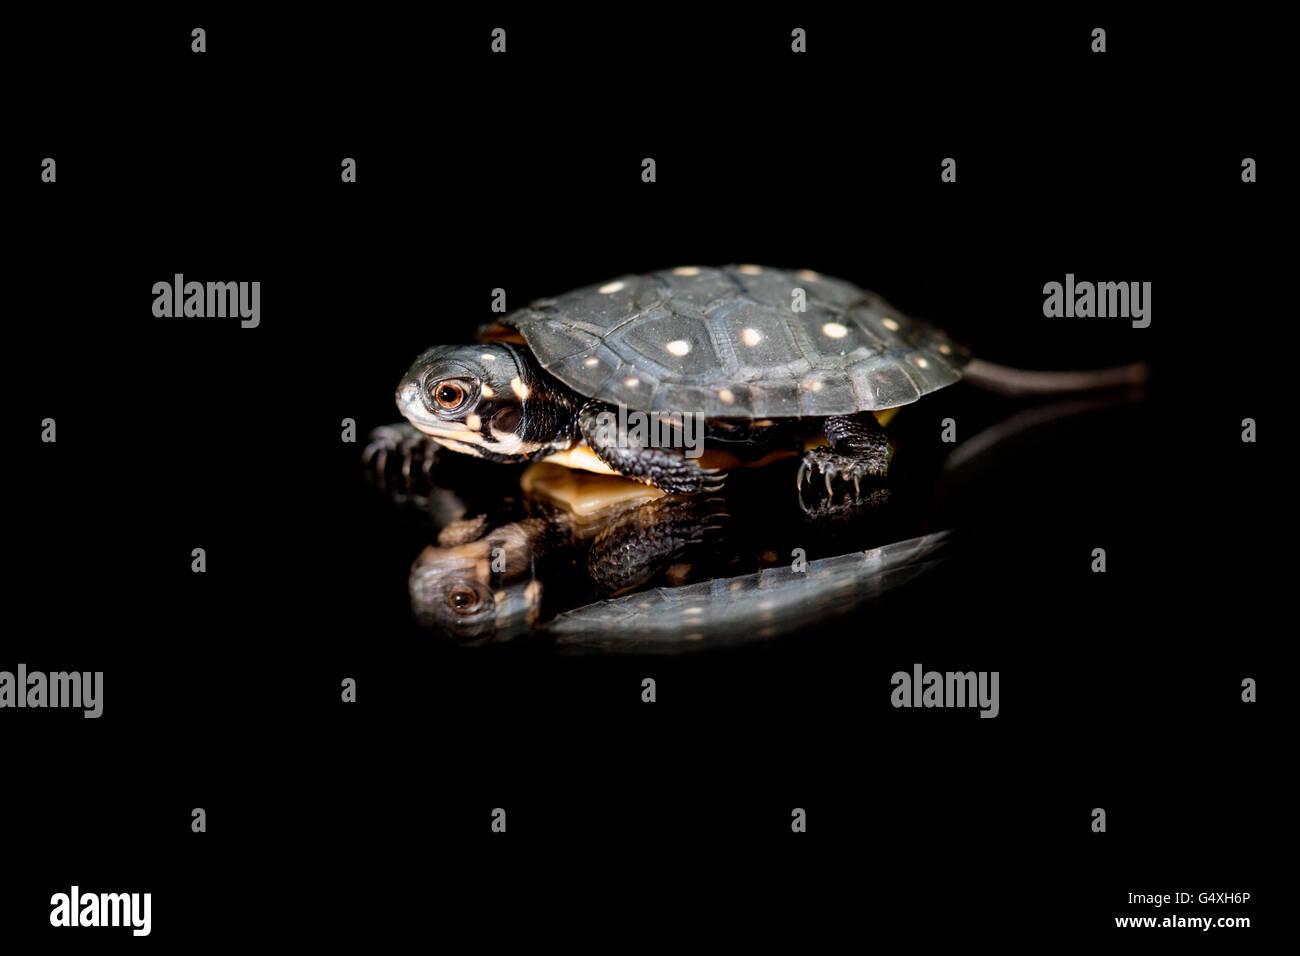 Bébé Tortue ponctuée (Clemmys guttata) [] captifs - Brownsville, Texas, États-Unis Banque D'Images